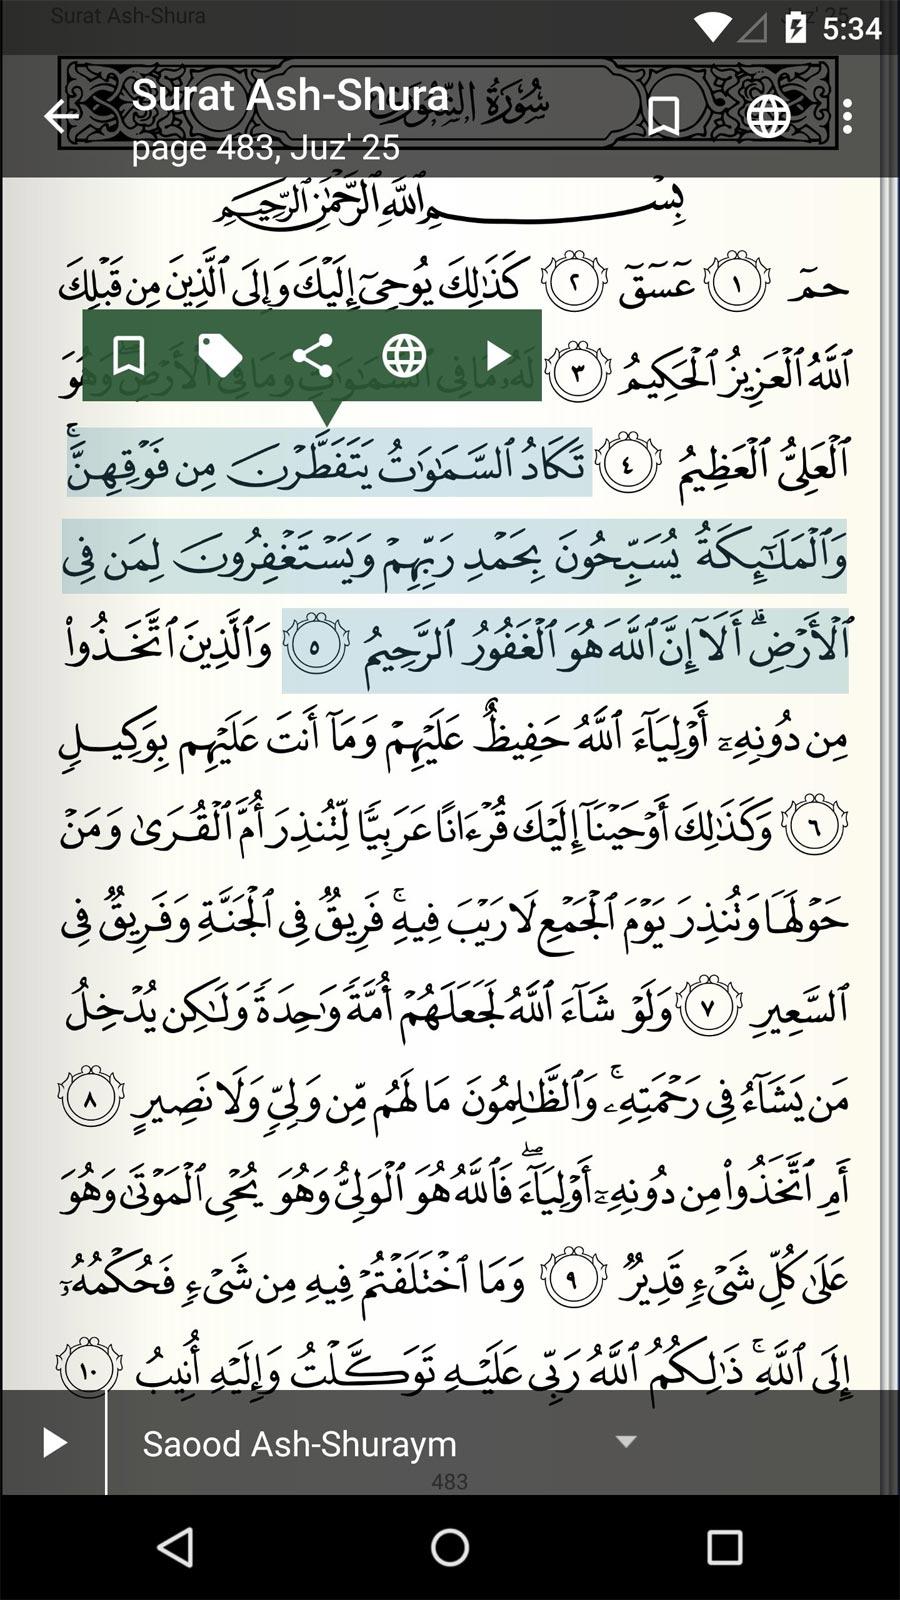 تنزيل القرآن الكريم على الجوال بدون نت صوت وصورة المصحف كامل مكتوب بخط كبير للموبايل